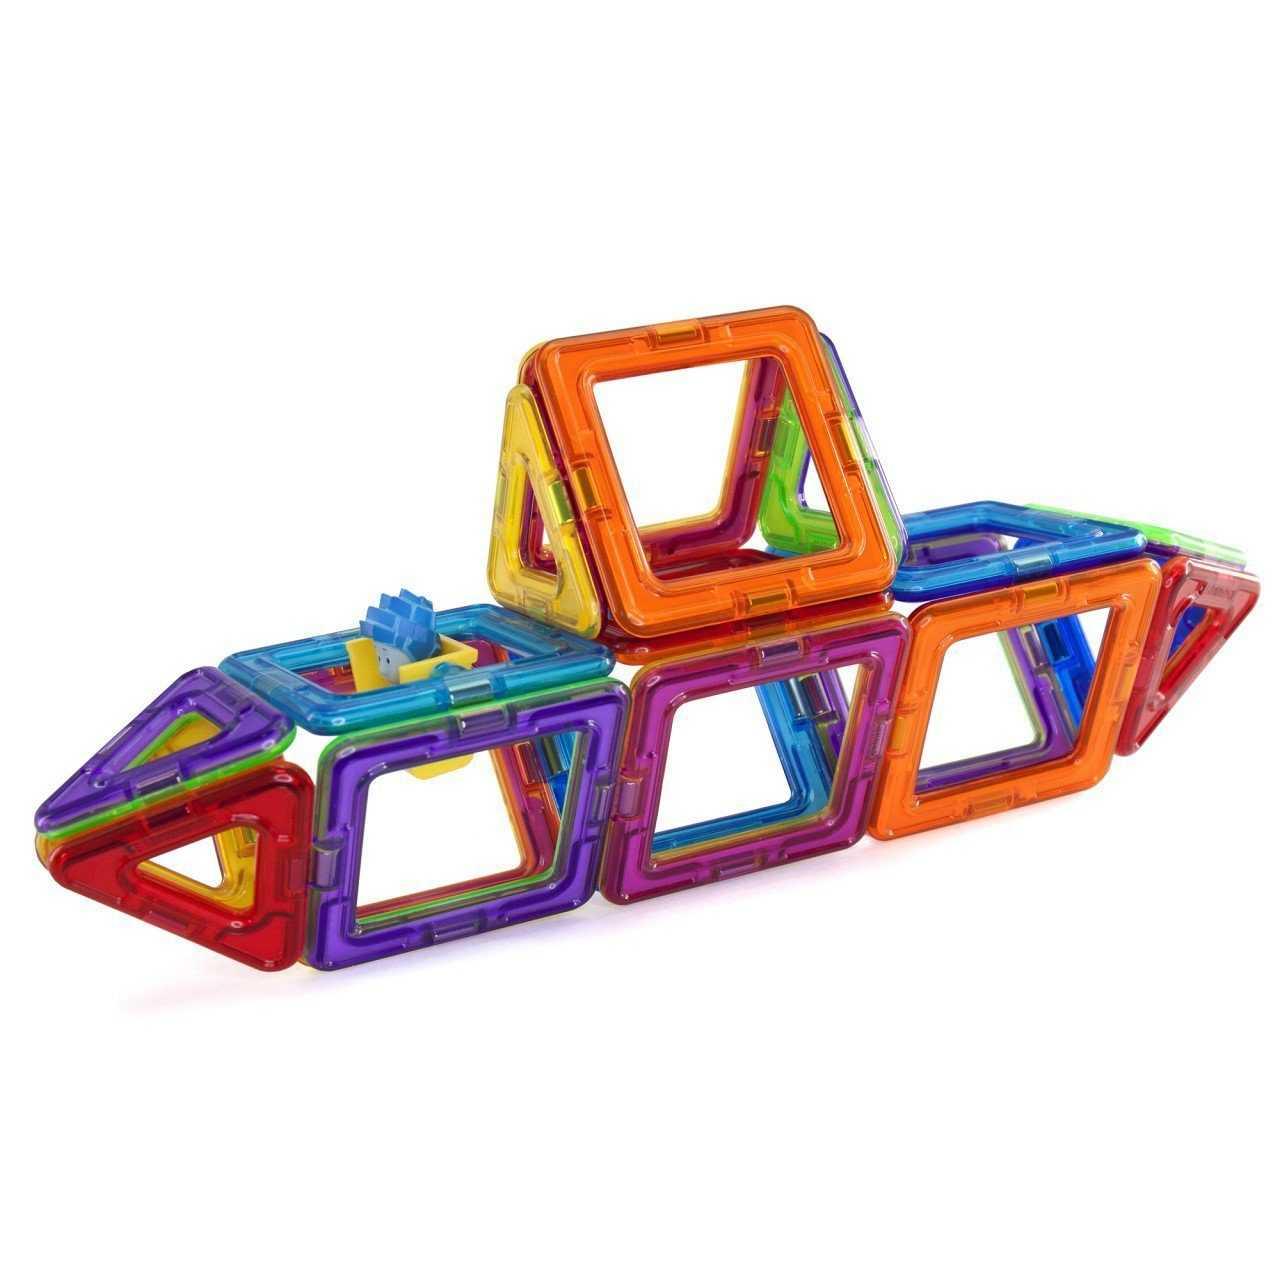 Проверено мамами: магнитный конструктор магформерс — играем, учимся, удивляемся